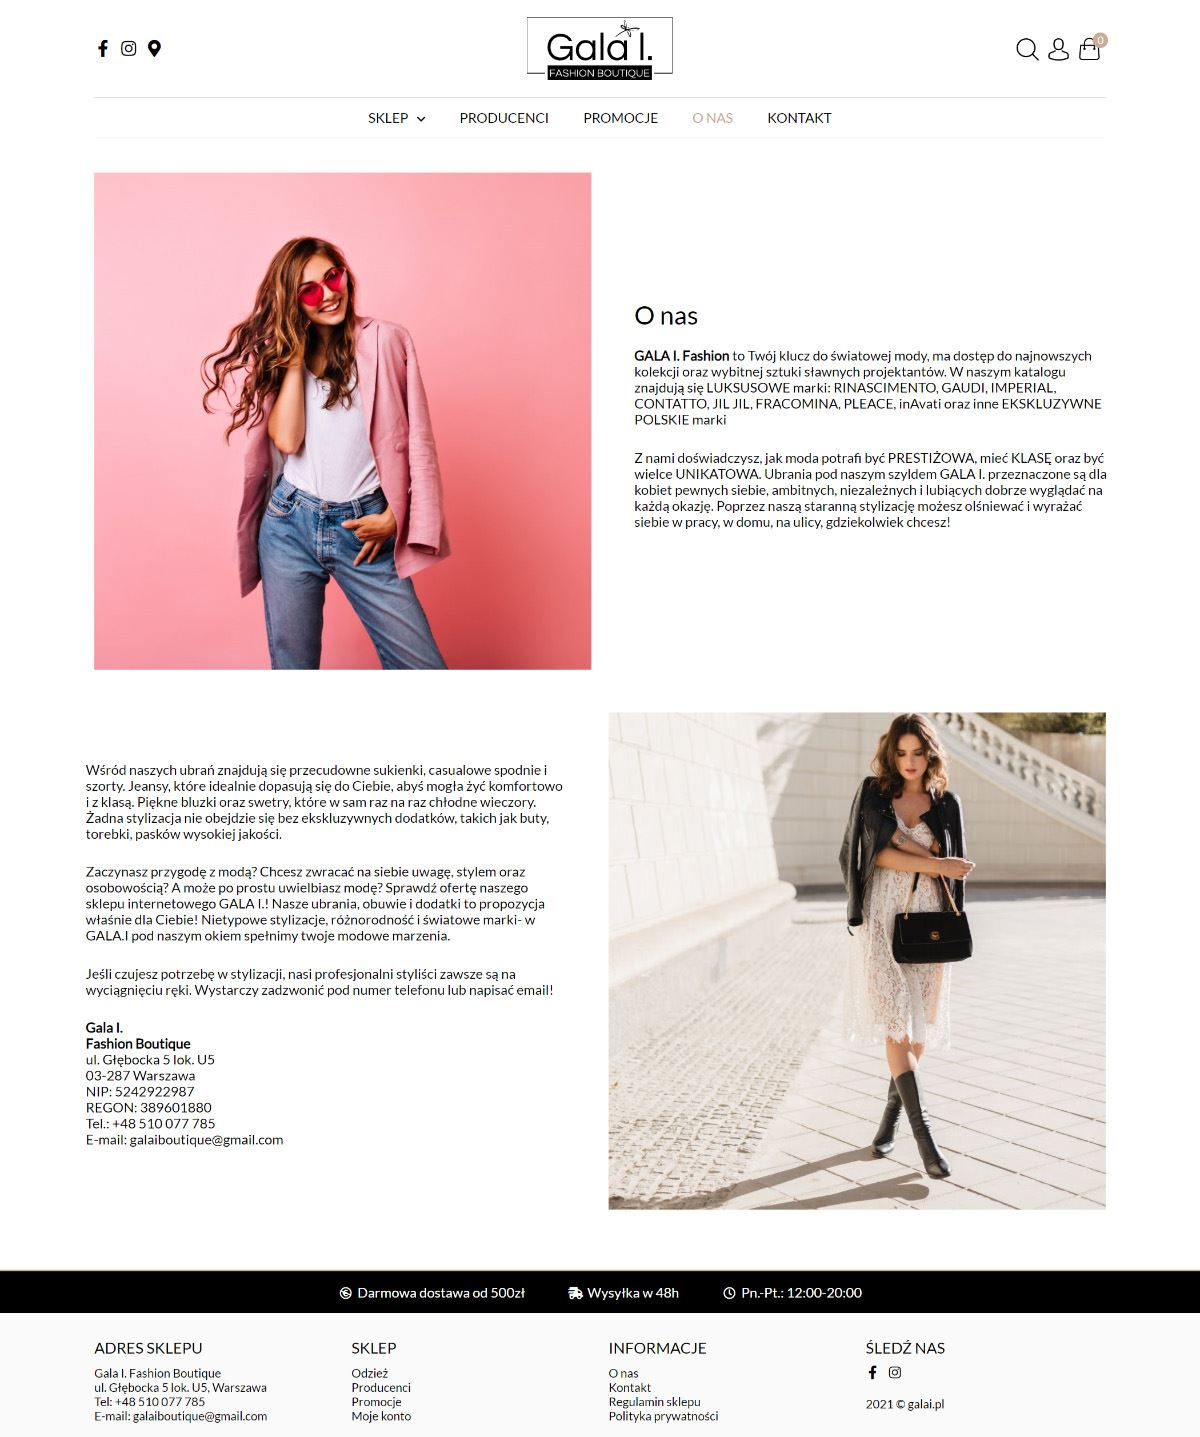 Tworzenie Sklepu Internetowego Woocommerce. Fashion Butik Online. Sprzedaż Odzieży Tworzenie Sklepu Internetowego Woocommerce,Tworzenie Sklepu Internetowego,Tworzenie Sklepu Internetowego Wordpress Tworzenie Sklepu Internetowego Woocommerce Fashion Butik Online Sprzedaz Odziezy Webpanda Webpanda